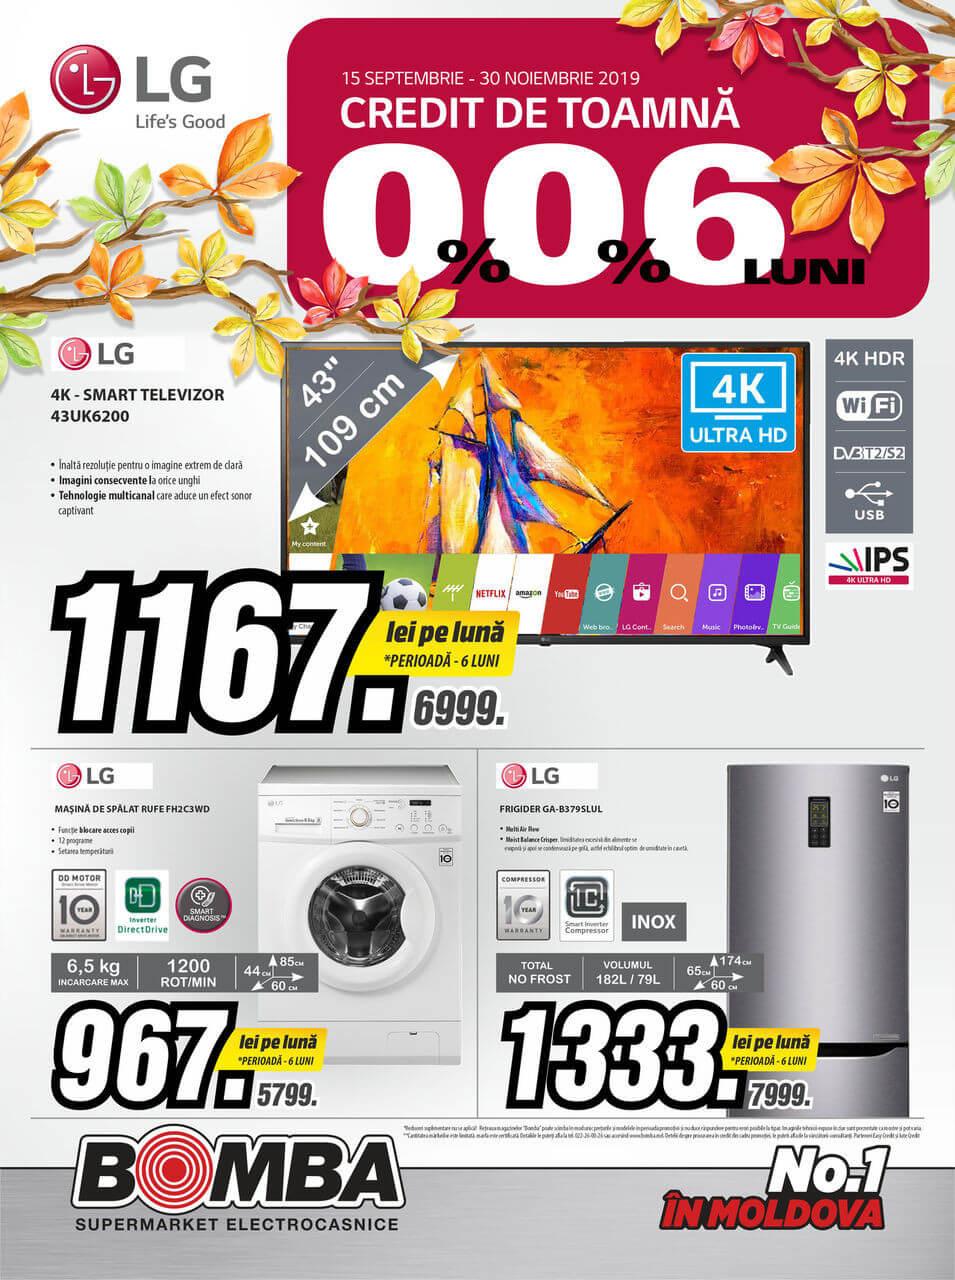 Bomba: Credit de toamnă tehnică LG